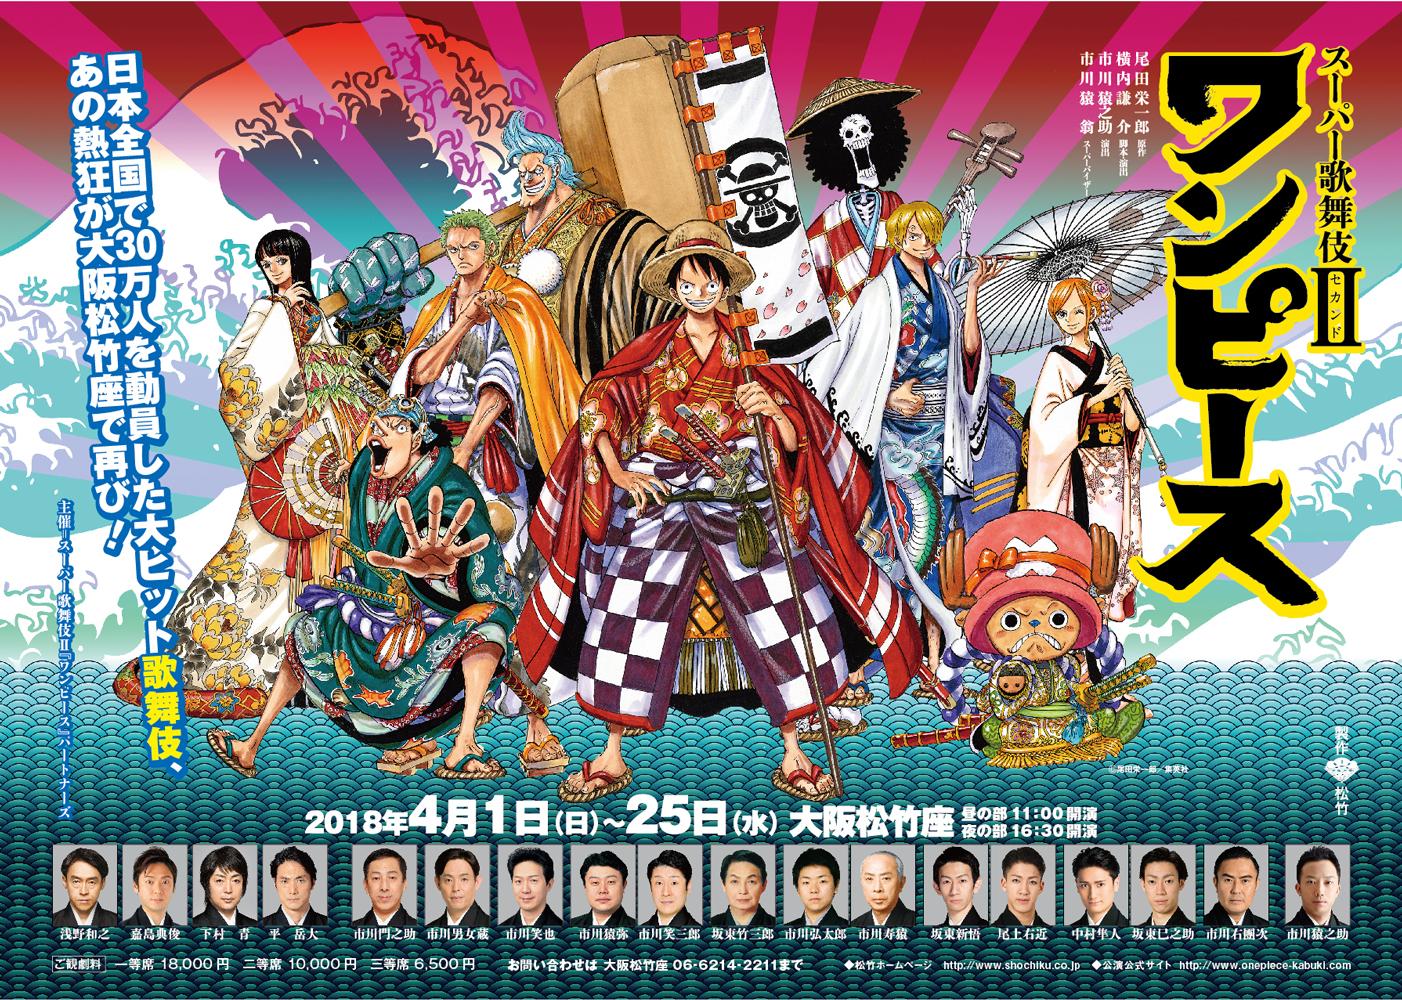 スーパー歌舞伎II(セカンド) ワンピース